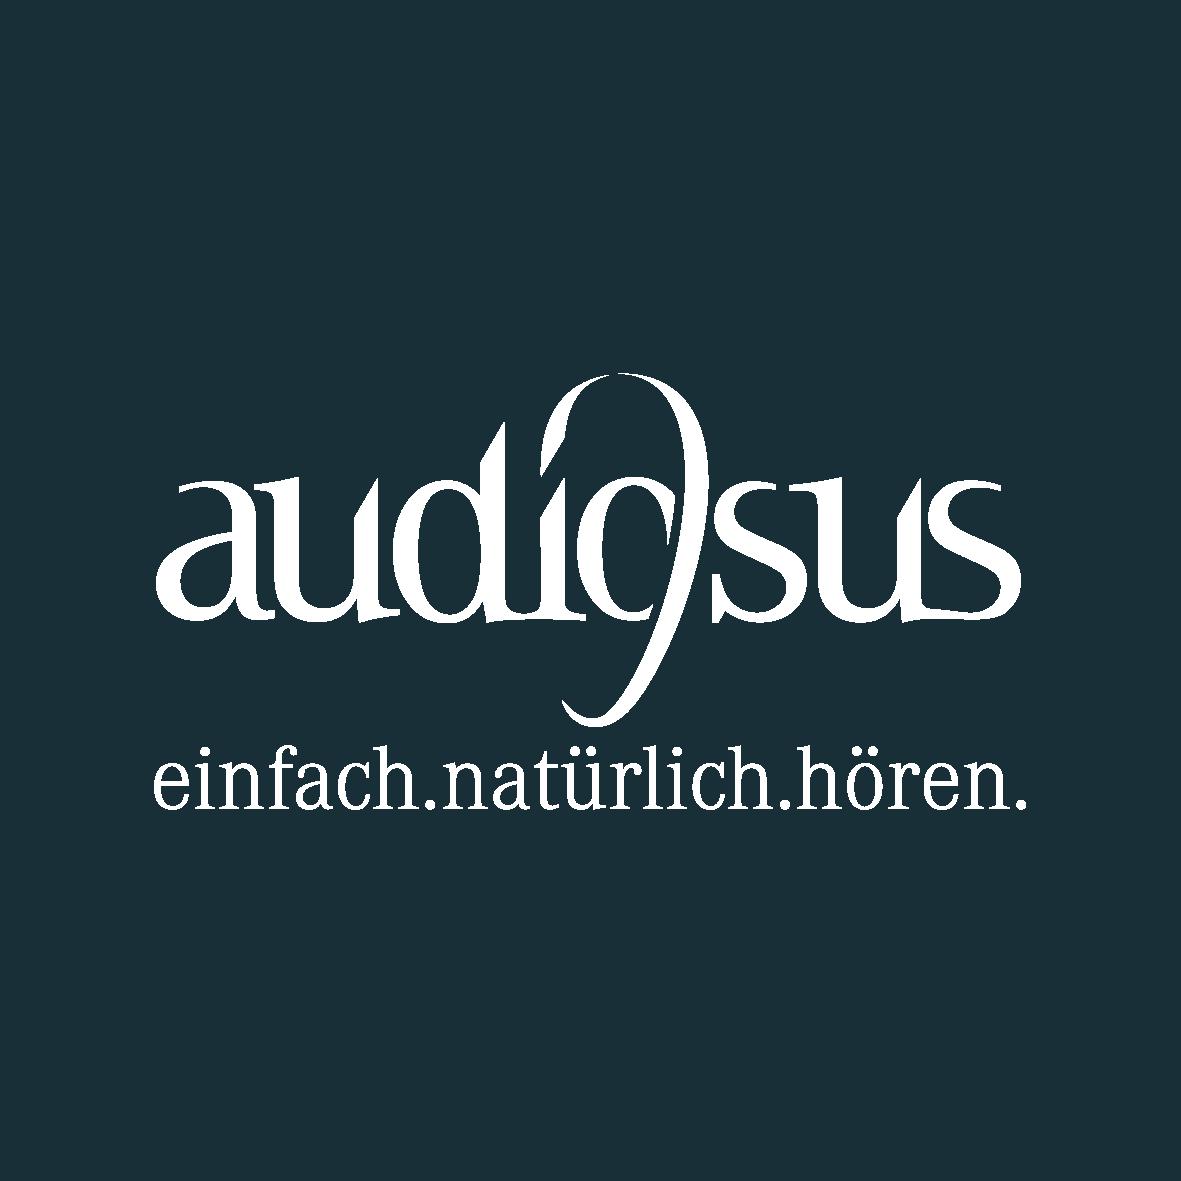 audiosus 1